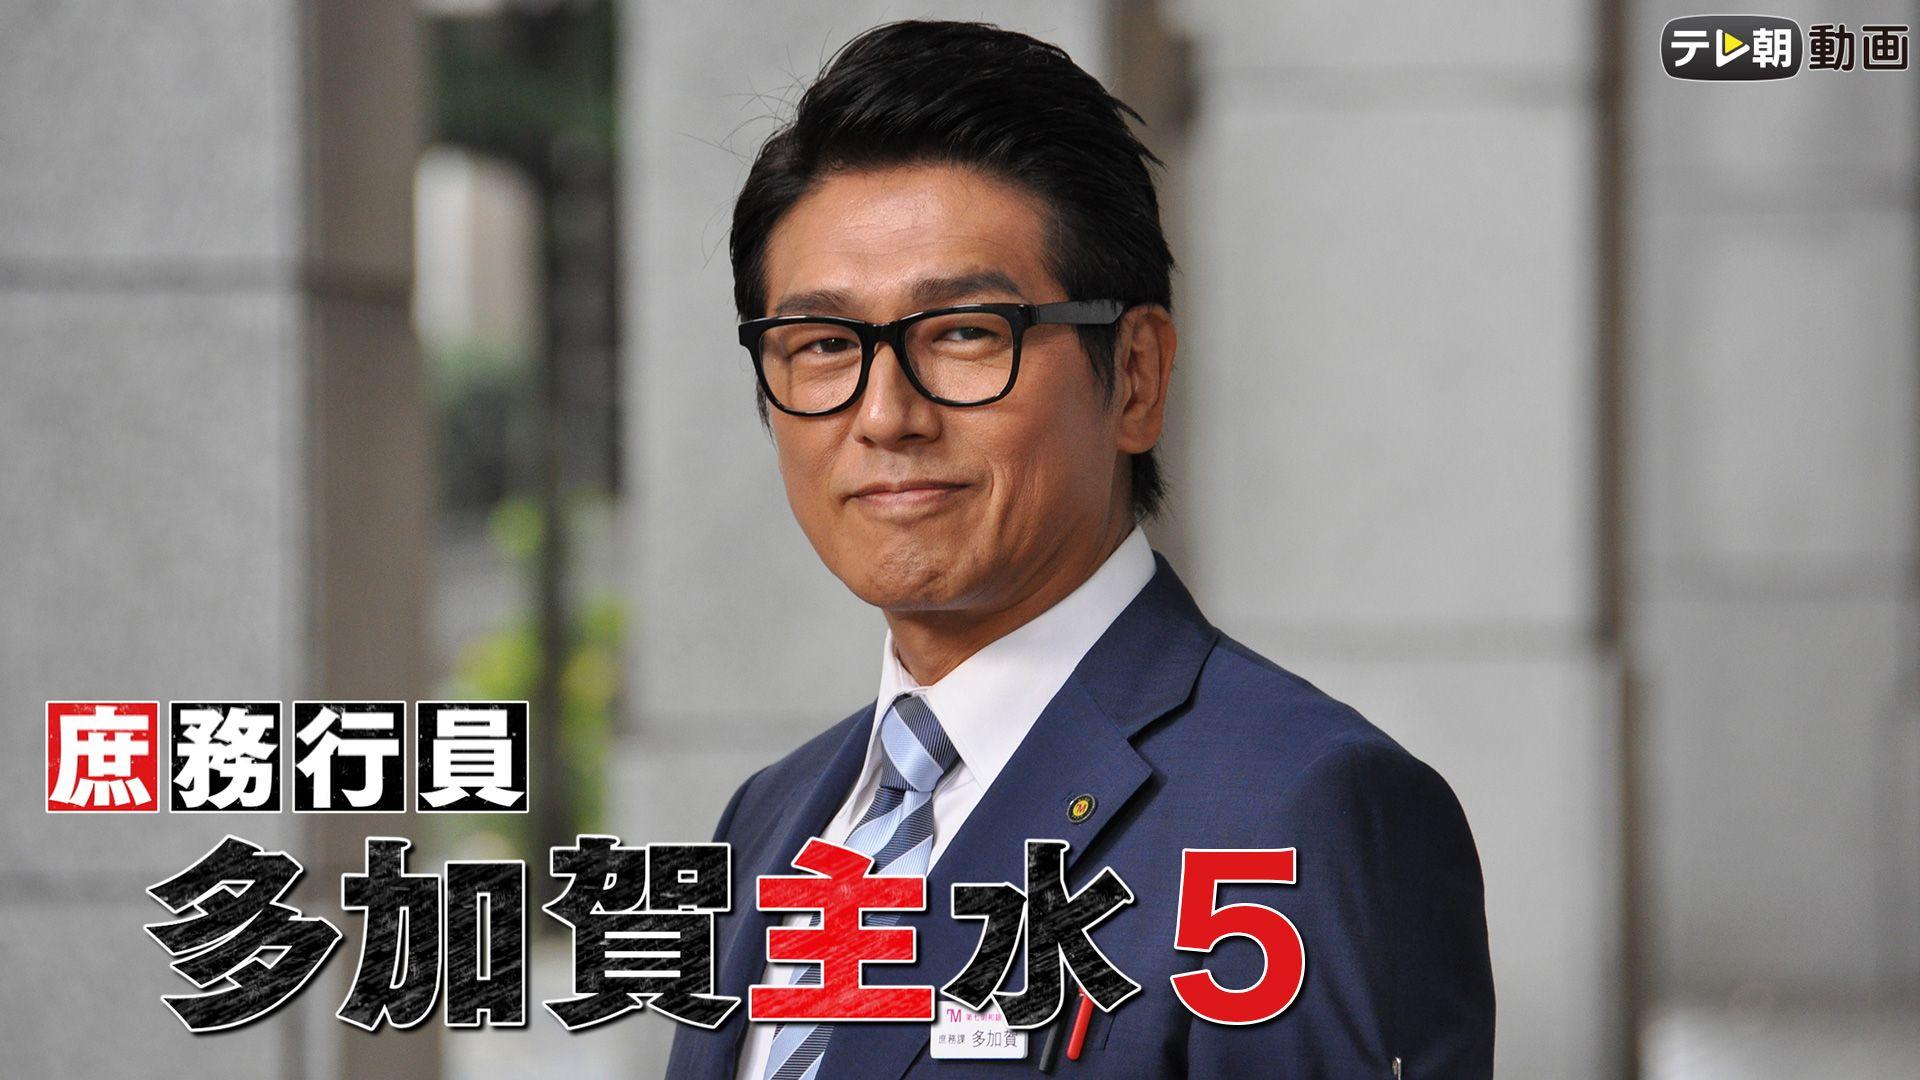 ドラマスペシャル「庶務行員・多加賀主水5」